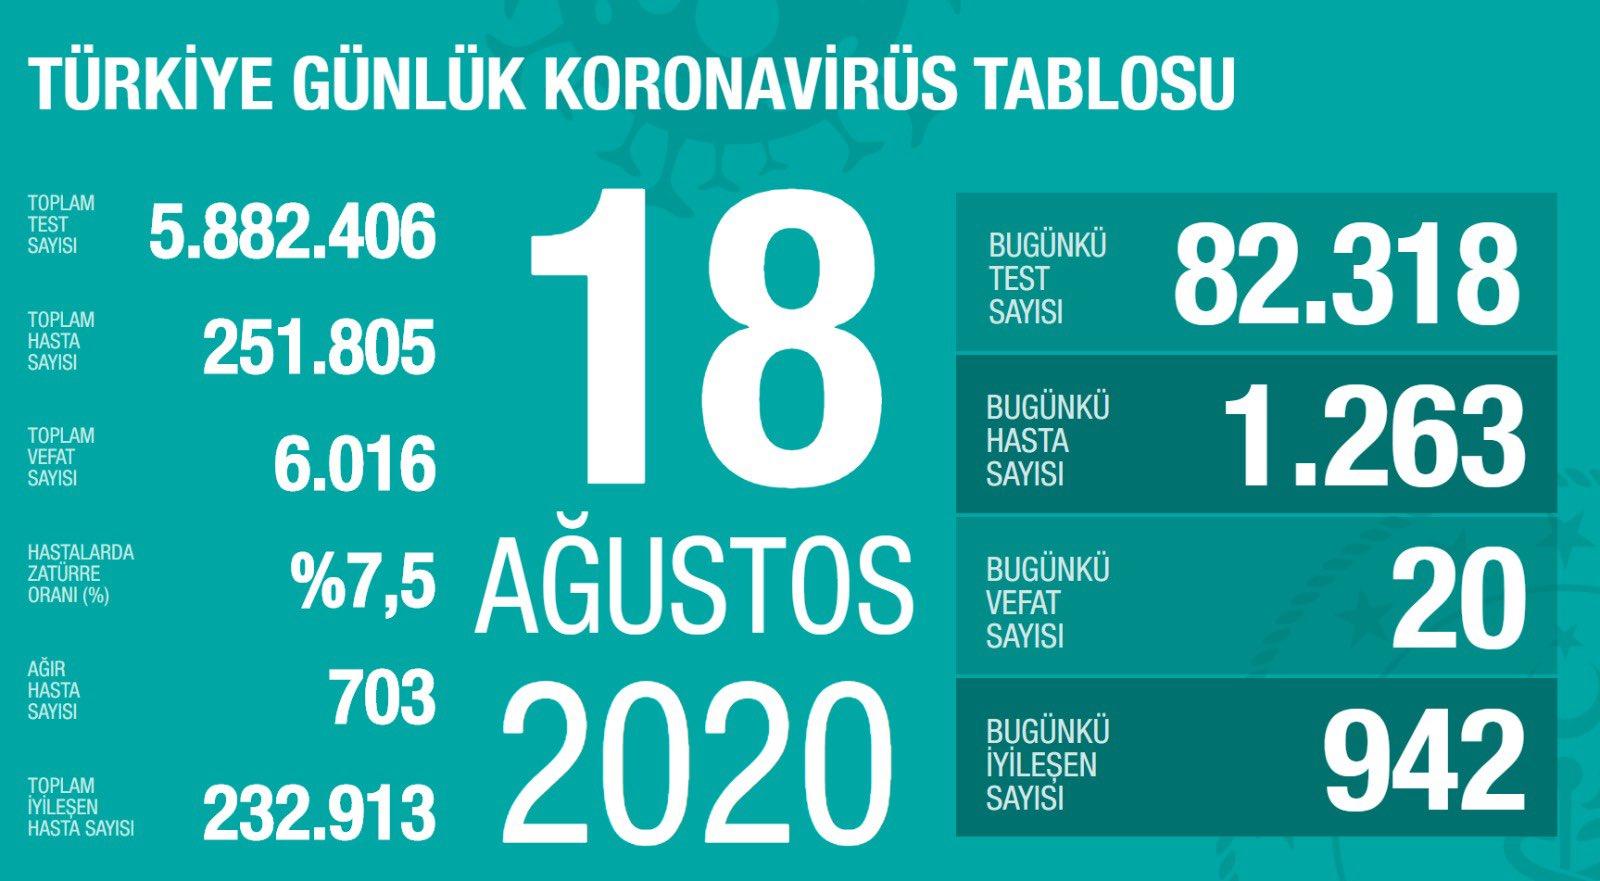 18 Ağustos Türkiye Koronavirüs Tablosu Açıkladı